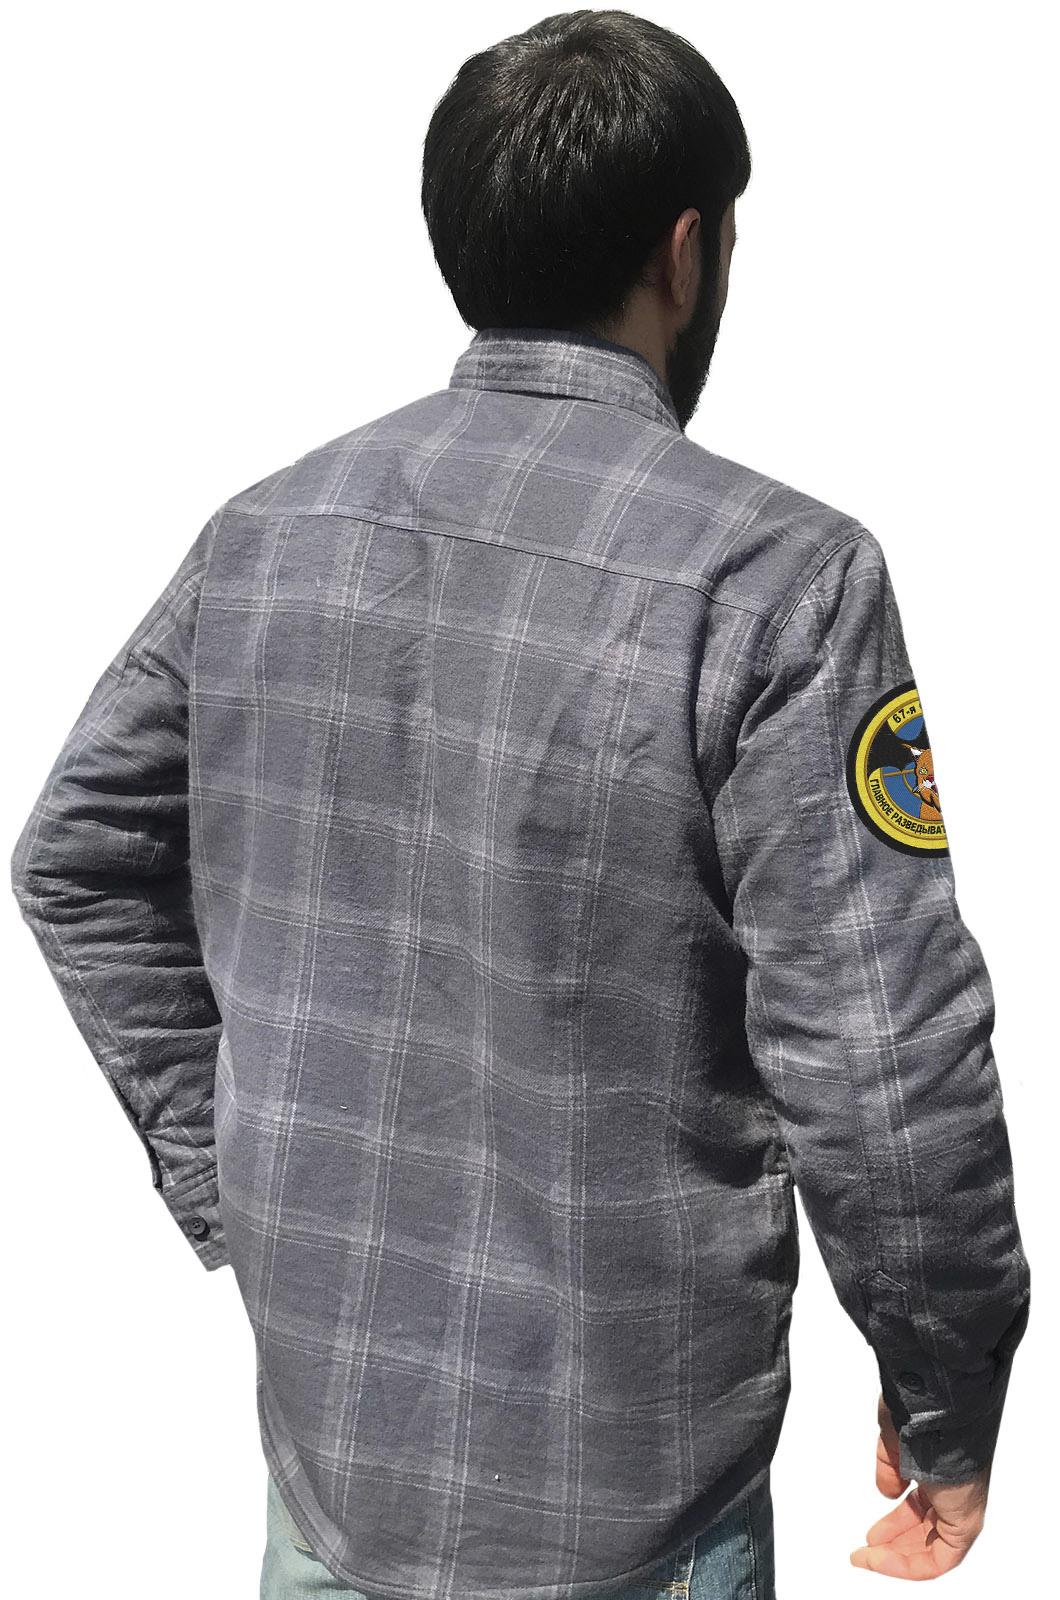 Мужская рубашка с шевроном 67-ая ОБрСпН заказать оптом и в розницу